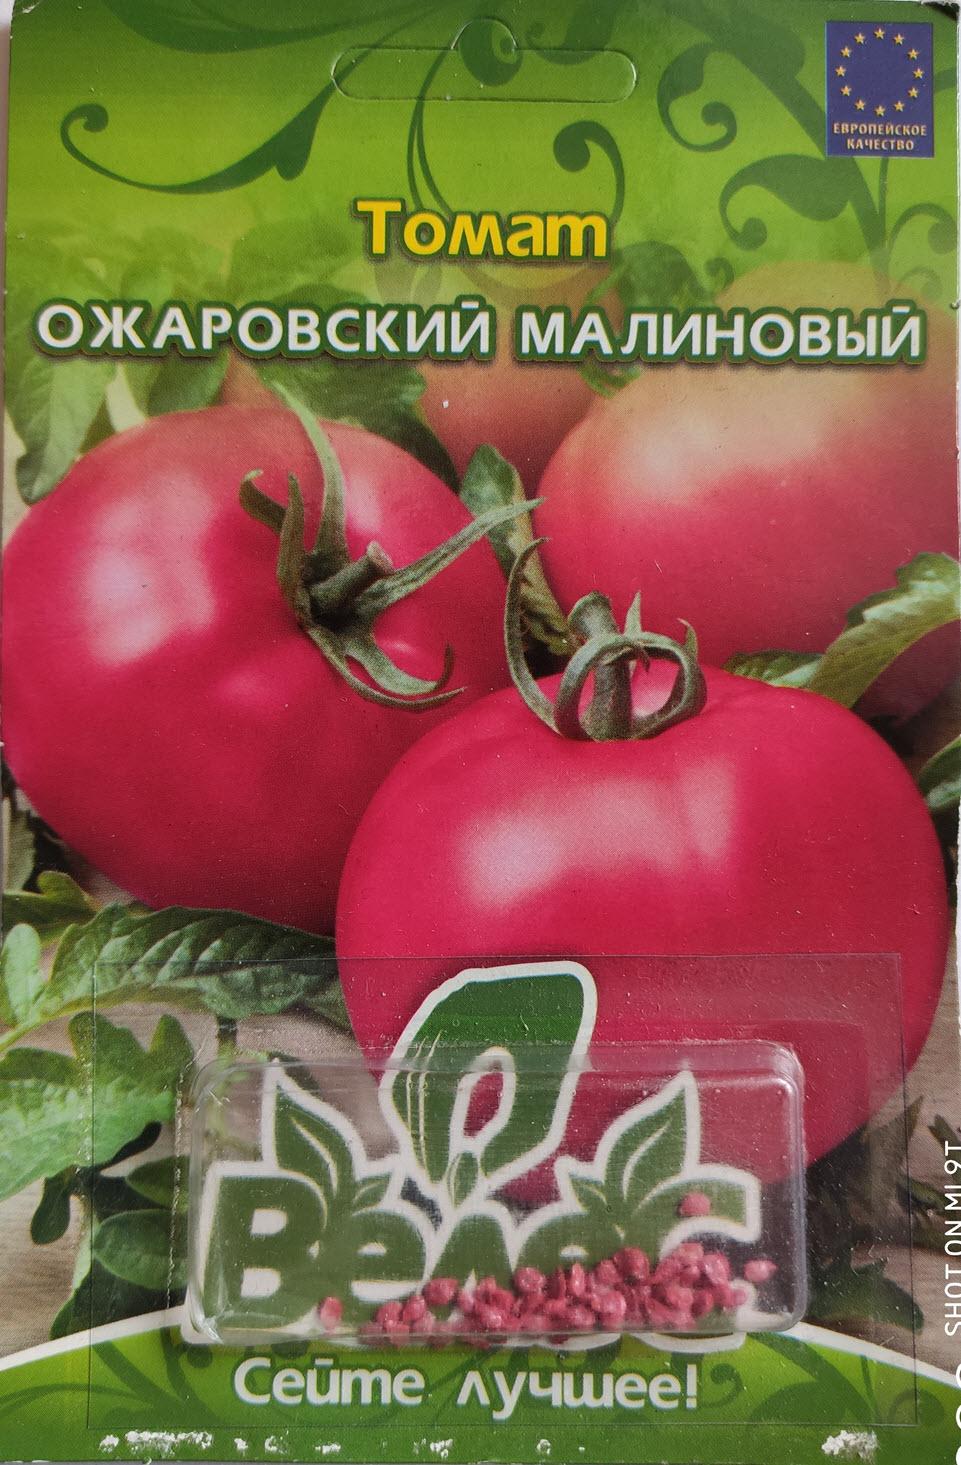 Томат ожаровский малиновый: характеристика и описание, отзывы, фото, урожайность сорта